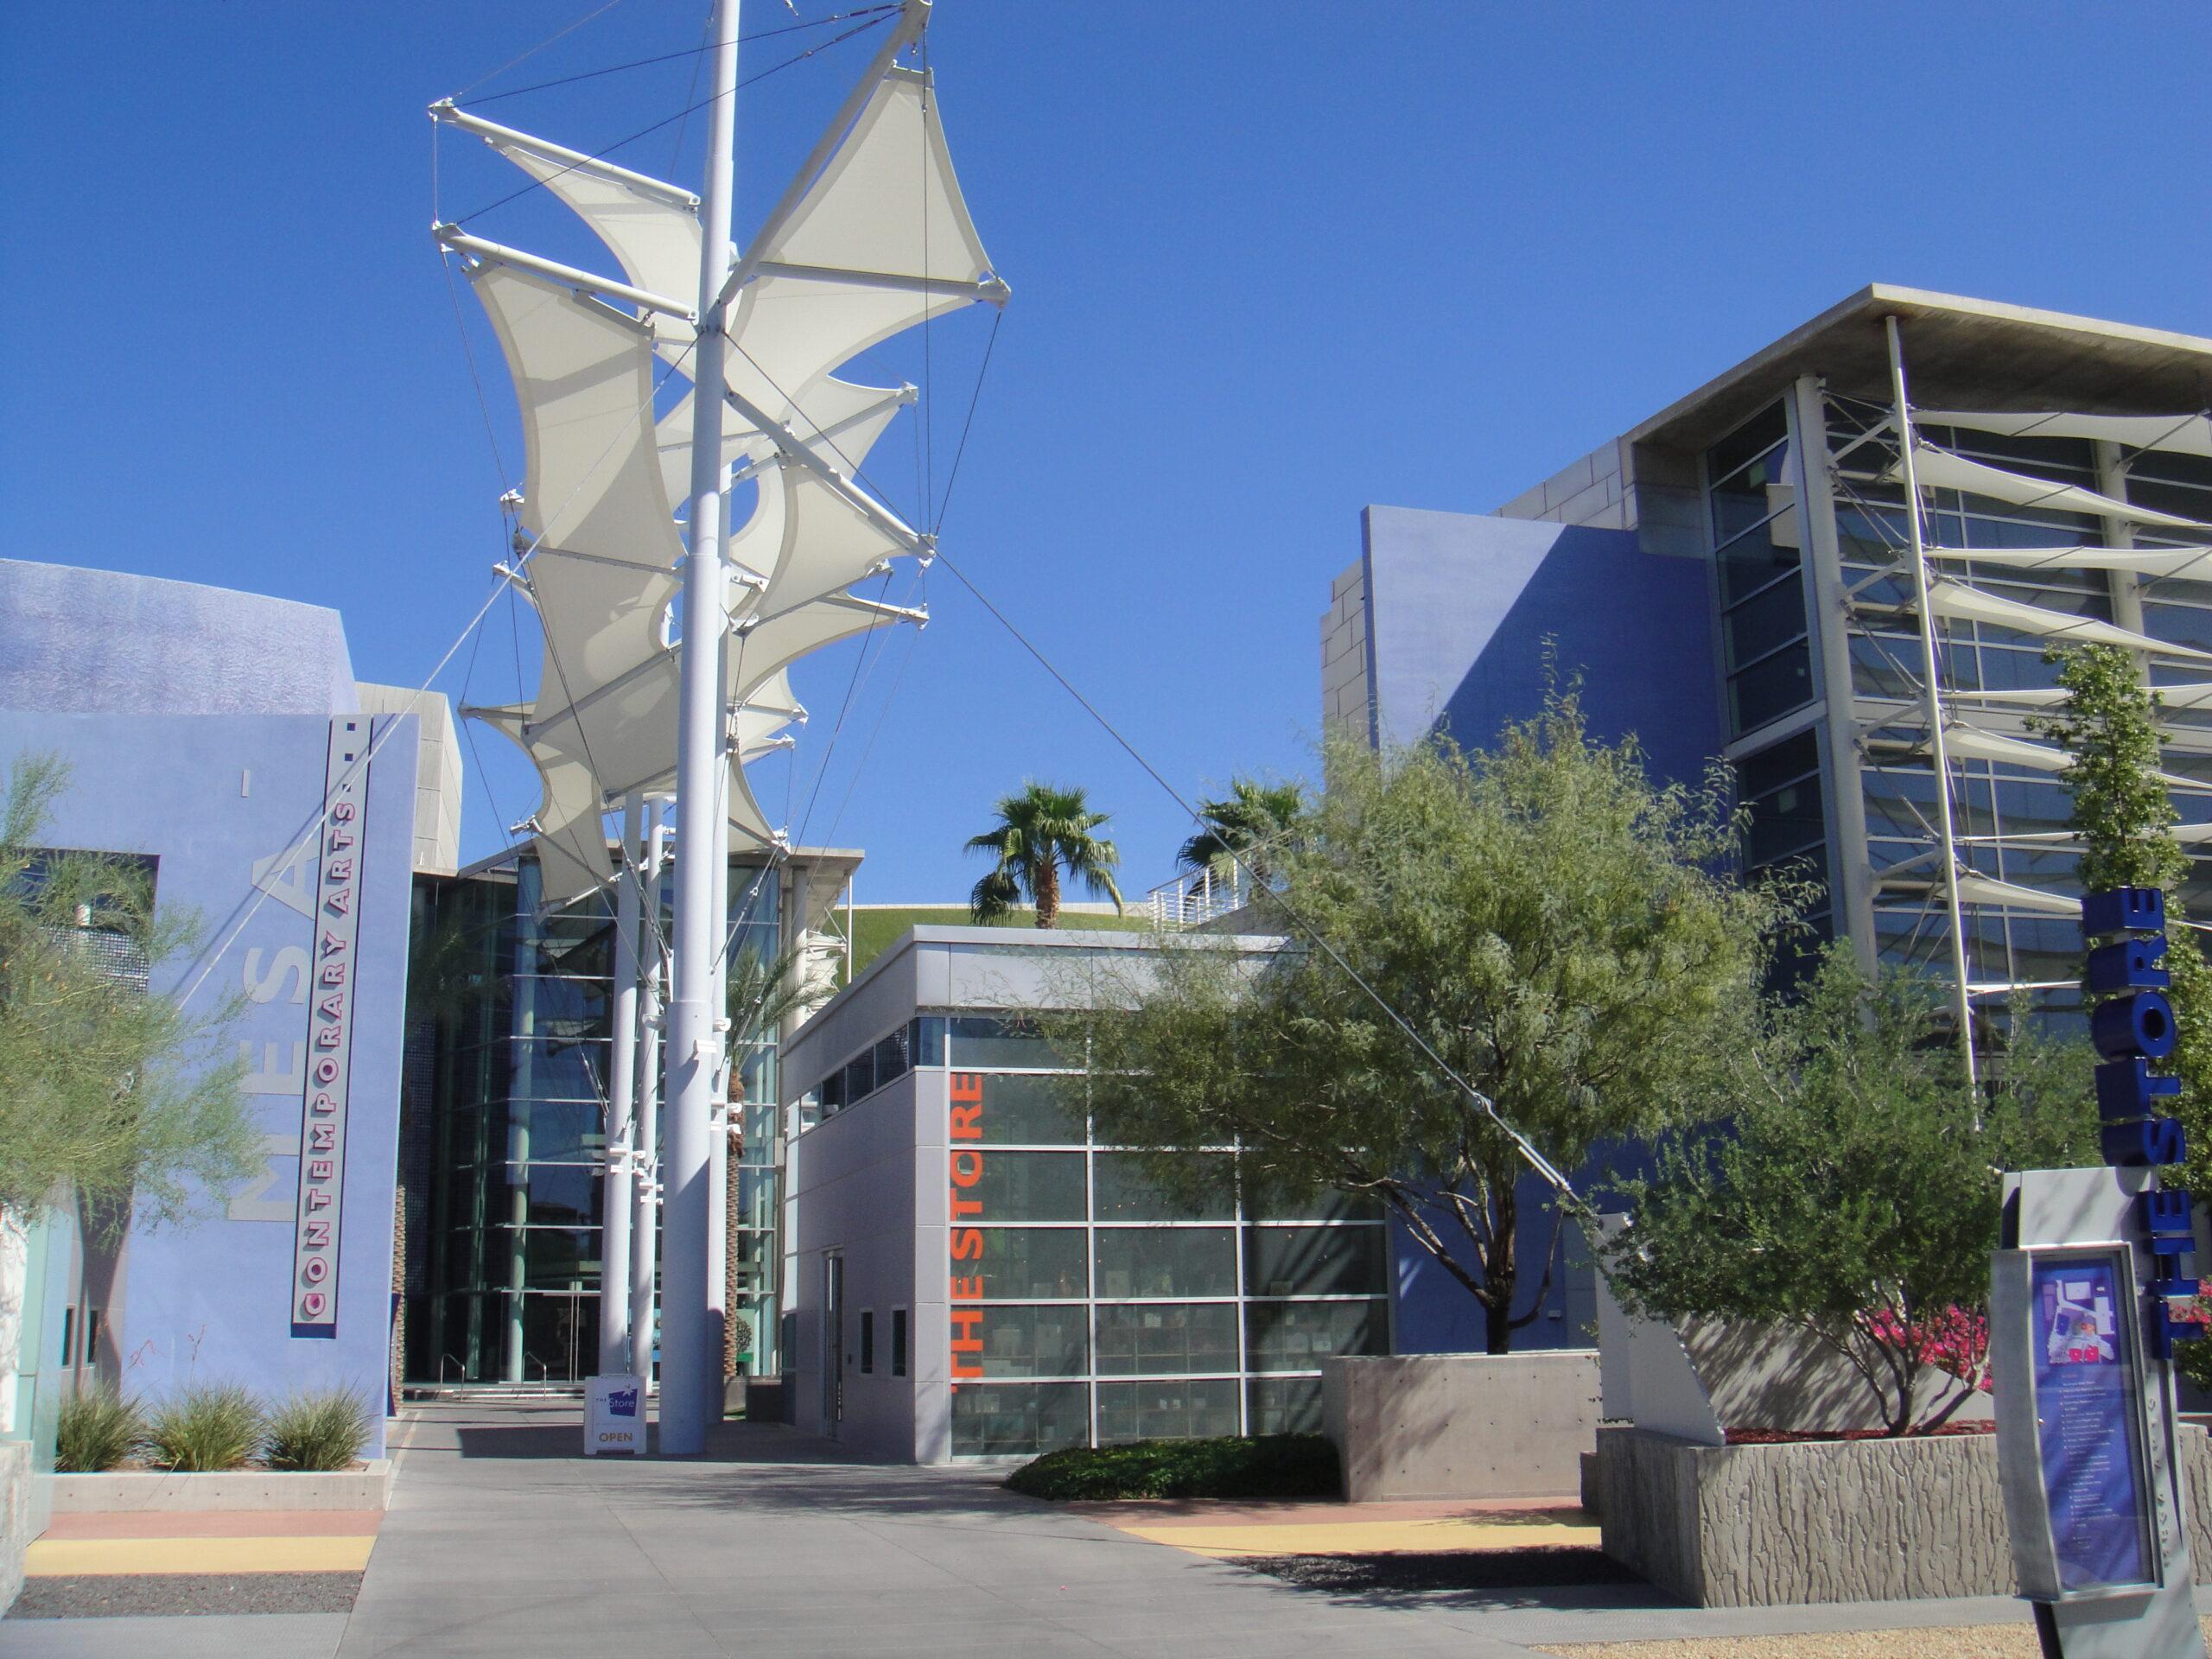 Downtown Mesa, AZ